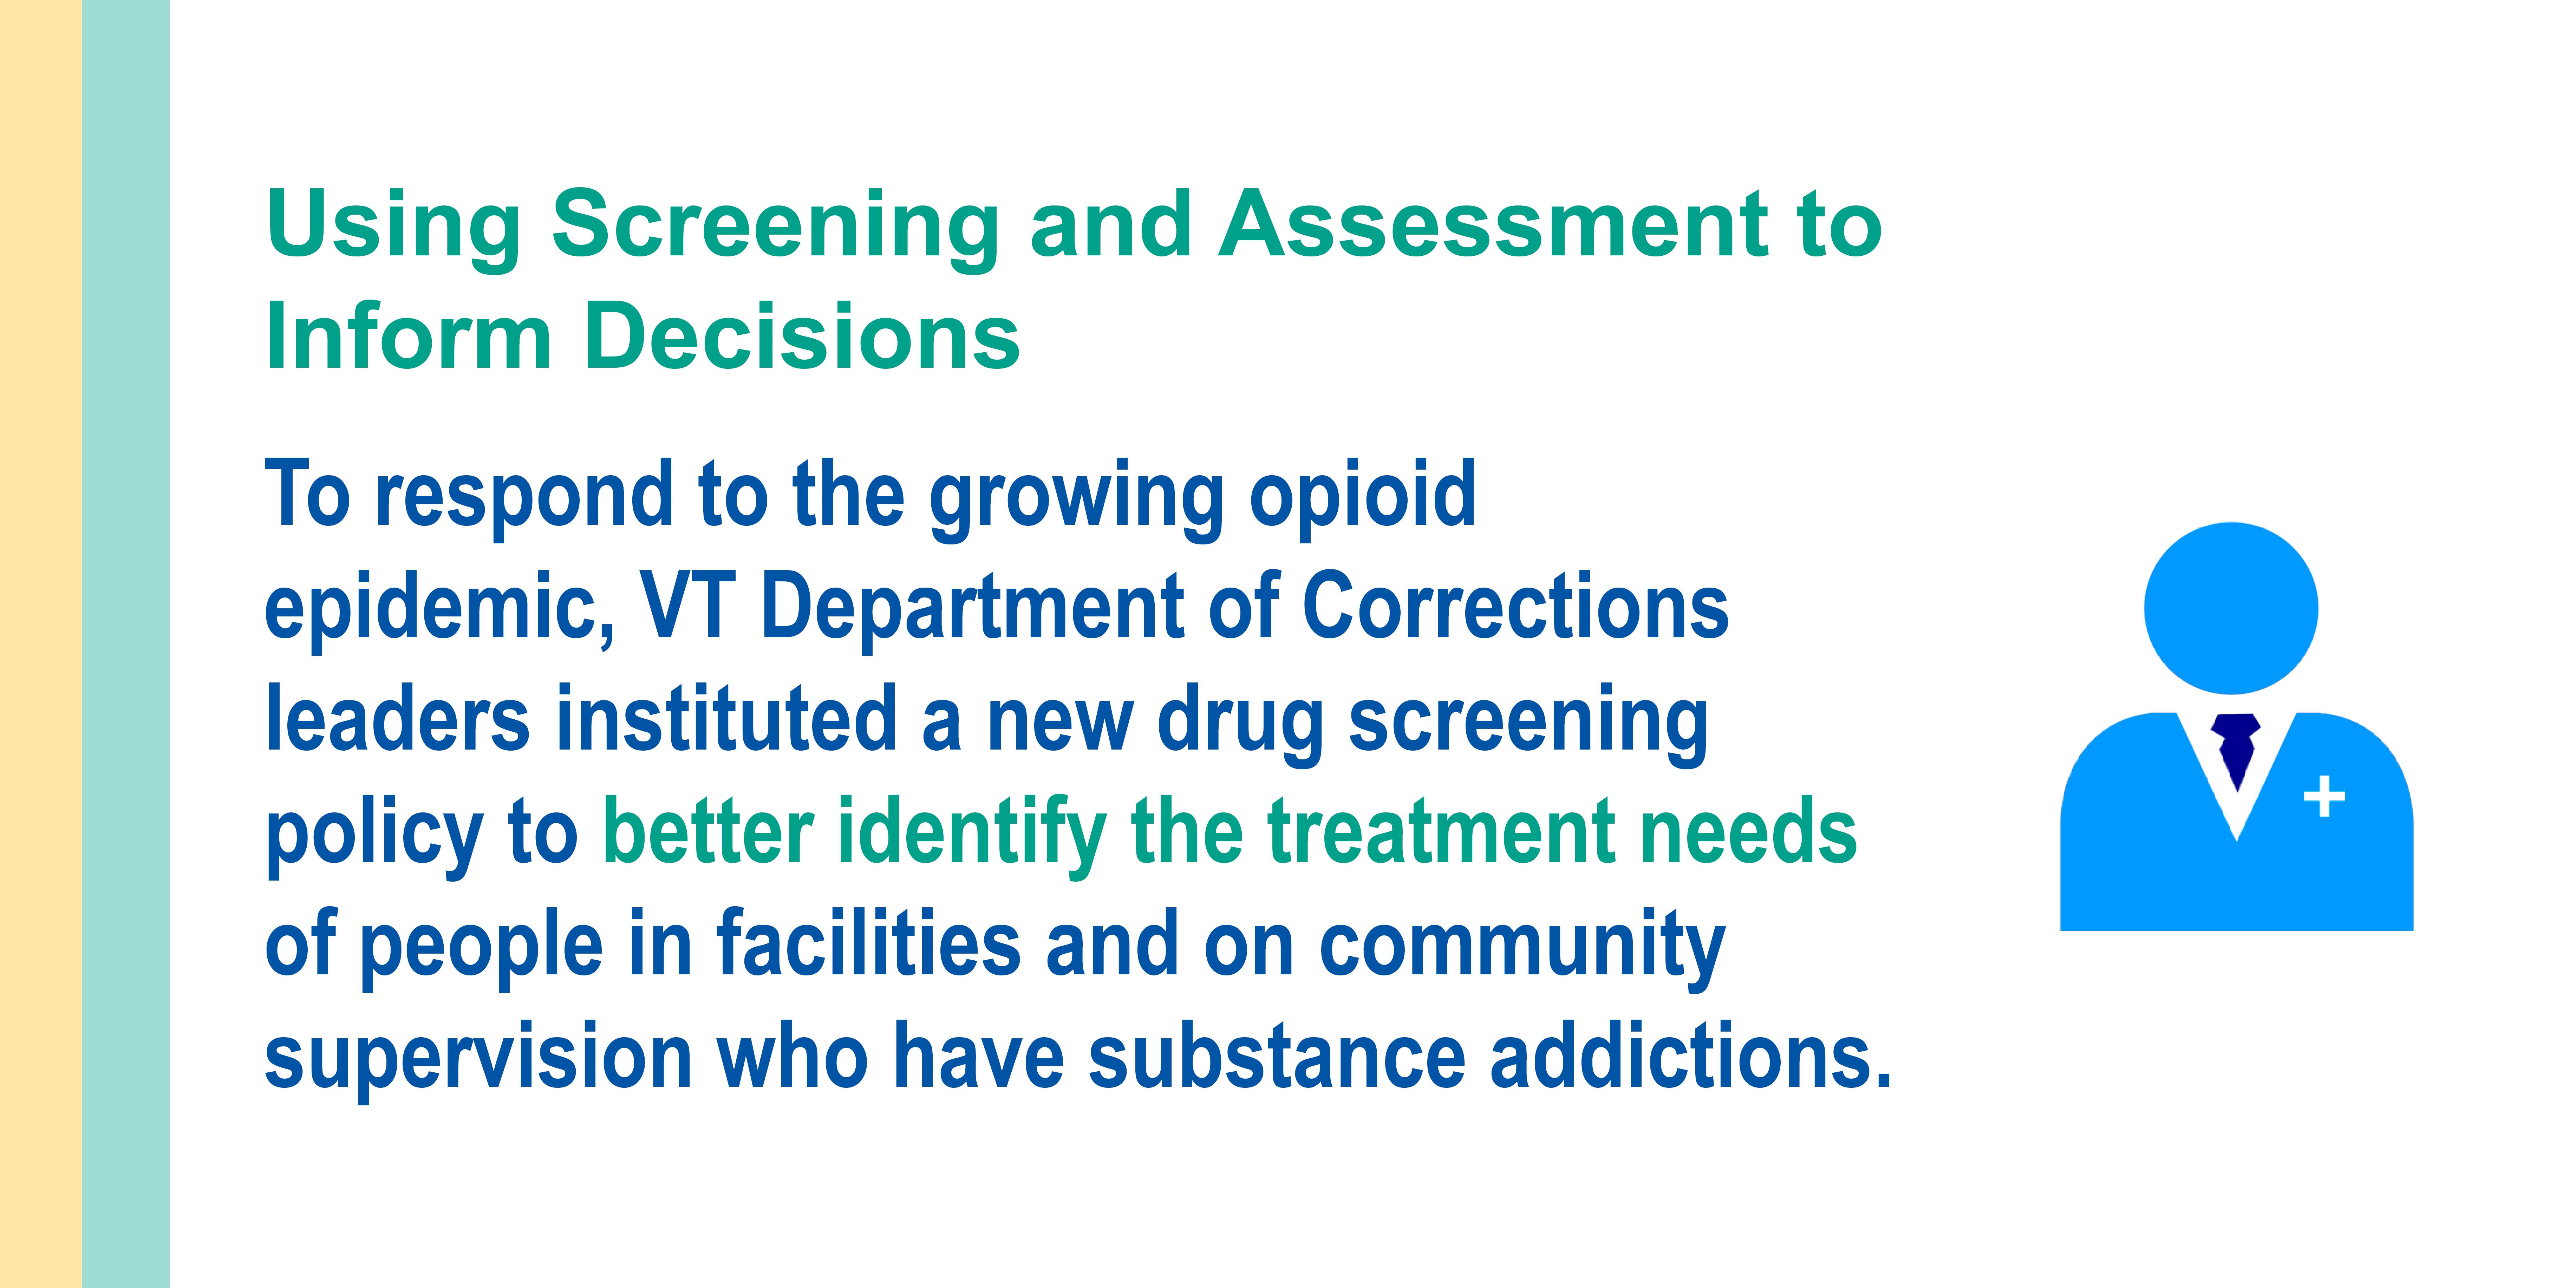 Vermont SRR_slide 5-screening and assessment